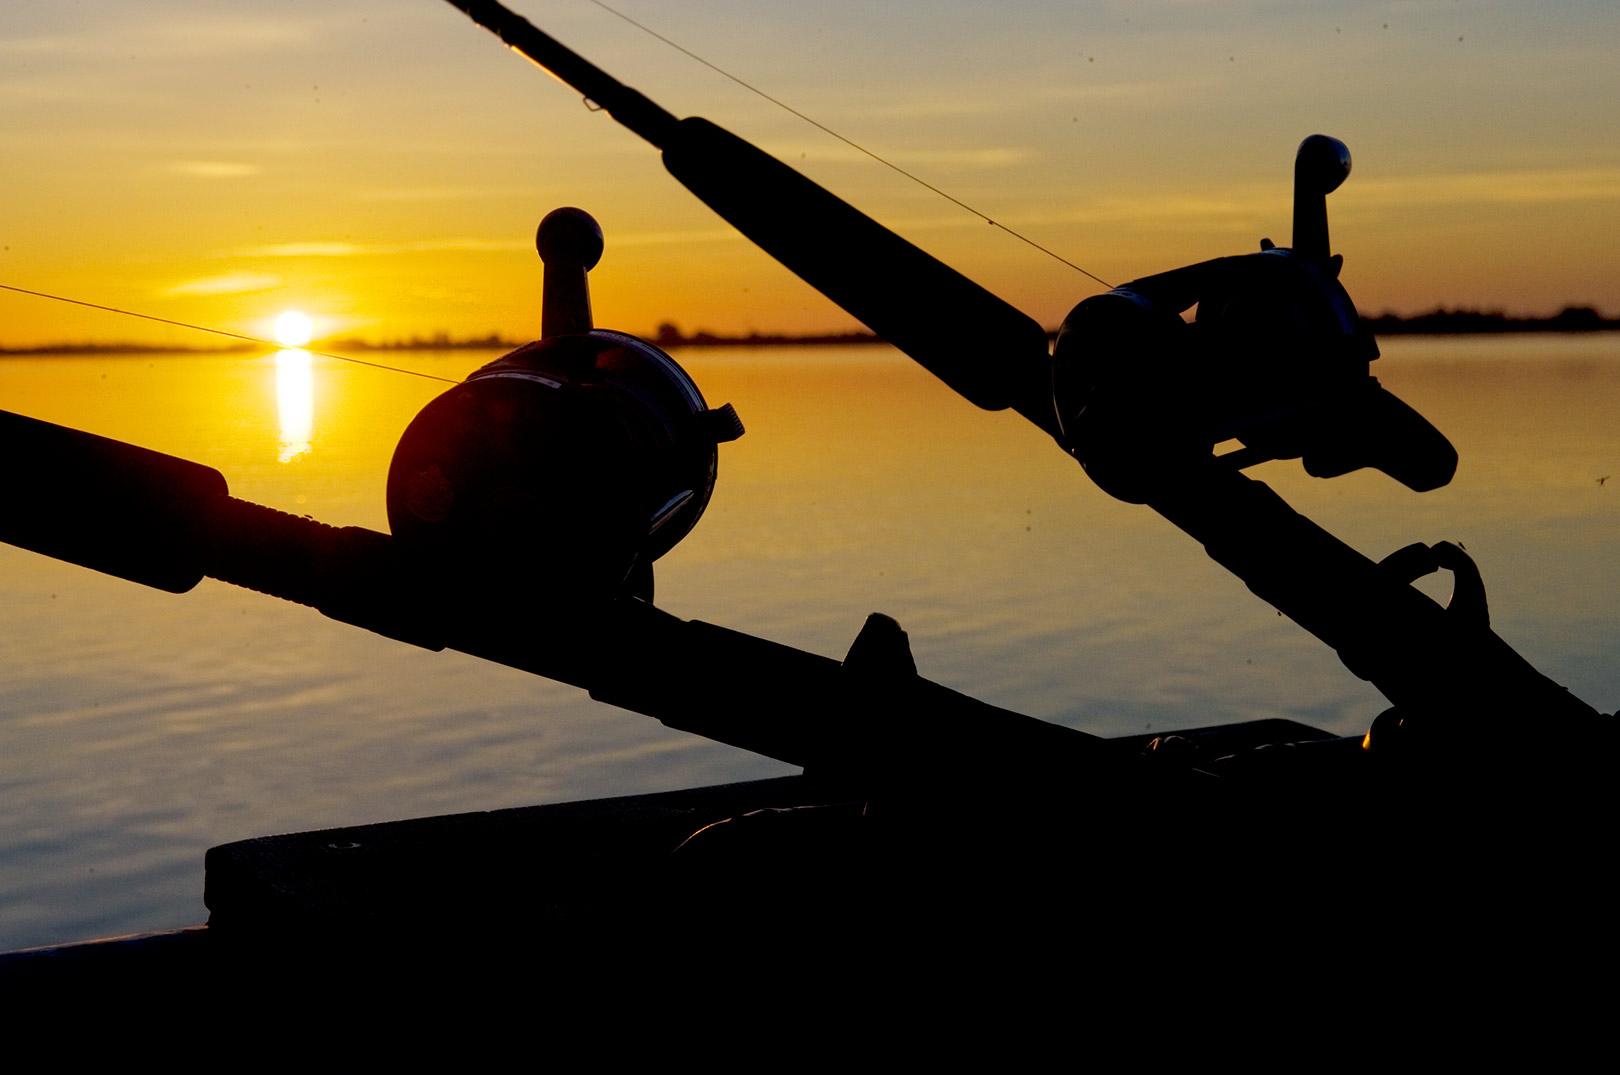 Meget tyder på at erhvervsfiskeriet i Tissø kan have haft negative indflydelse på søens økologiske tilstand. Når det er sagt, er det vigtigt at erkende at et for højt fiskepres fra lystfiskere også kan have en negativ effekt på fiskebestanden. Set i et samfundsøkonomisk perskepktiv er der dog ingen tivl om at flest mennesker for glæde af vores skrøbelige ressourcer på søerne ved at lukke erhvervsfiskeriet - og istedet fokuseret på at drive et skånsomt og bæredygtigt lystfiskeri til glæde for bredden i den danske befolkning.